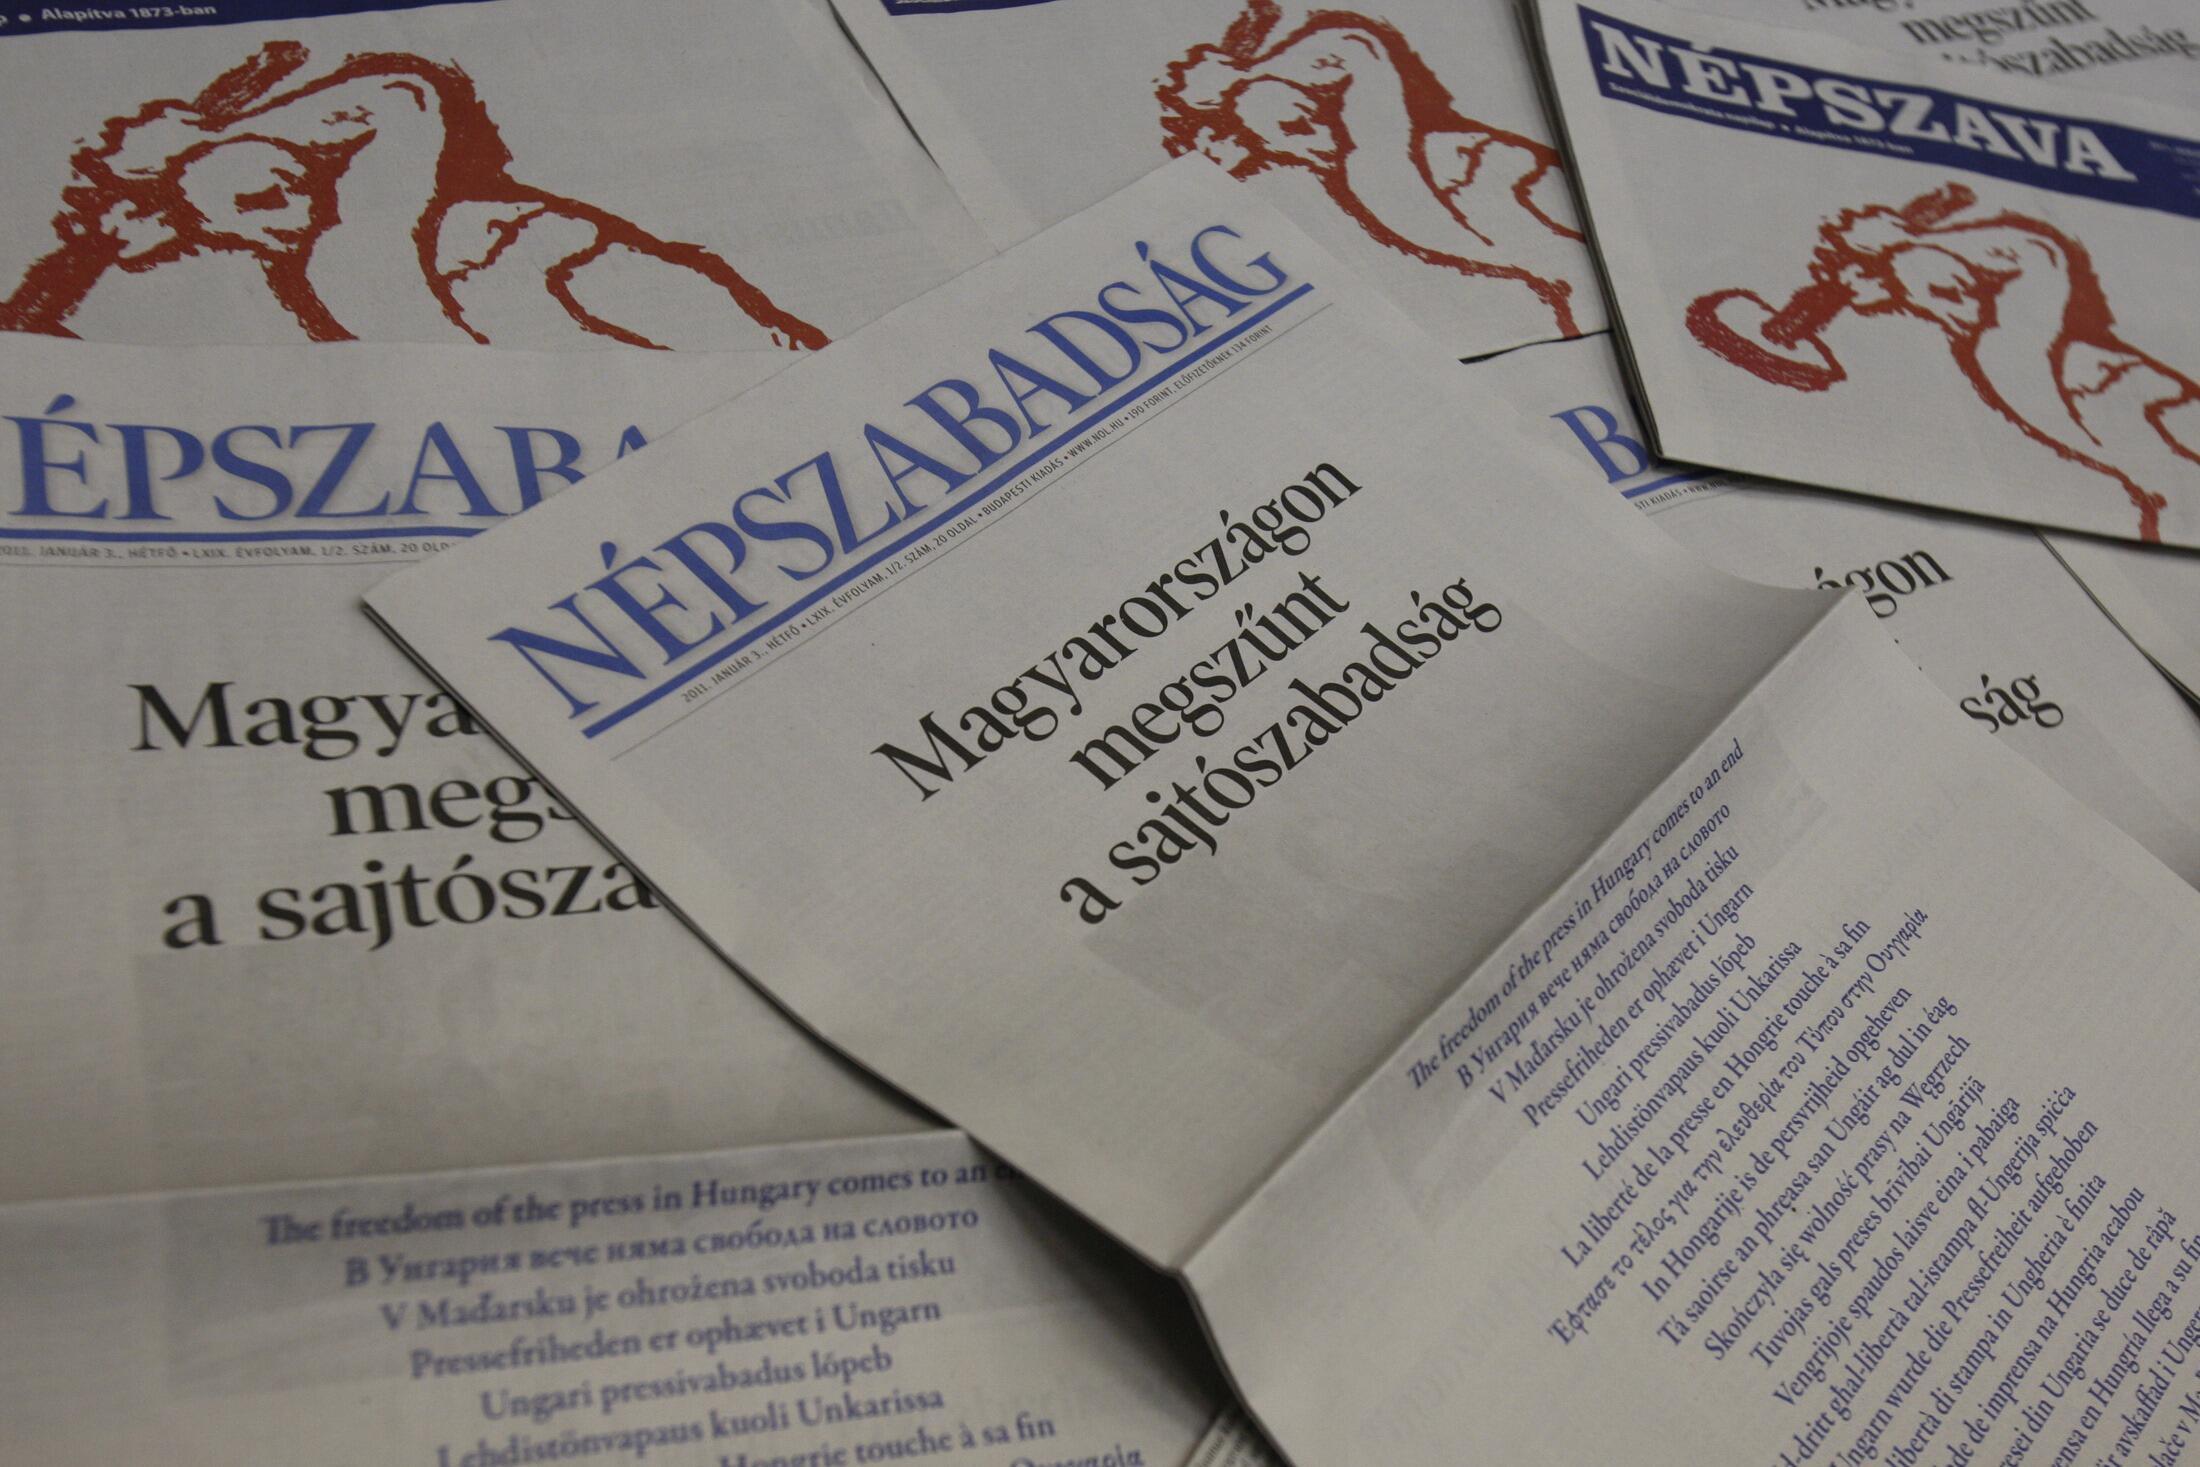 Des quotidiens hongrois ont protesté, le 3 janvier 2011, contre la nouvelle loi sur les médias en publiant en Une «Il n'y a plus de liberté de la presse en Hongrie».